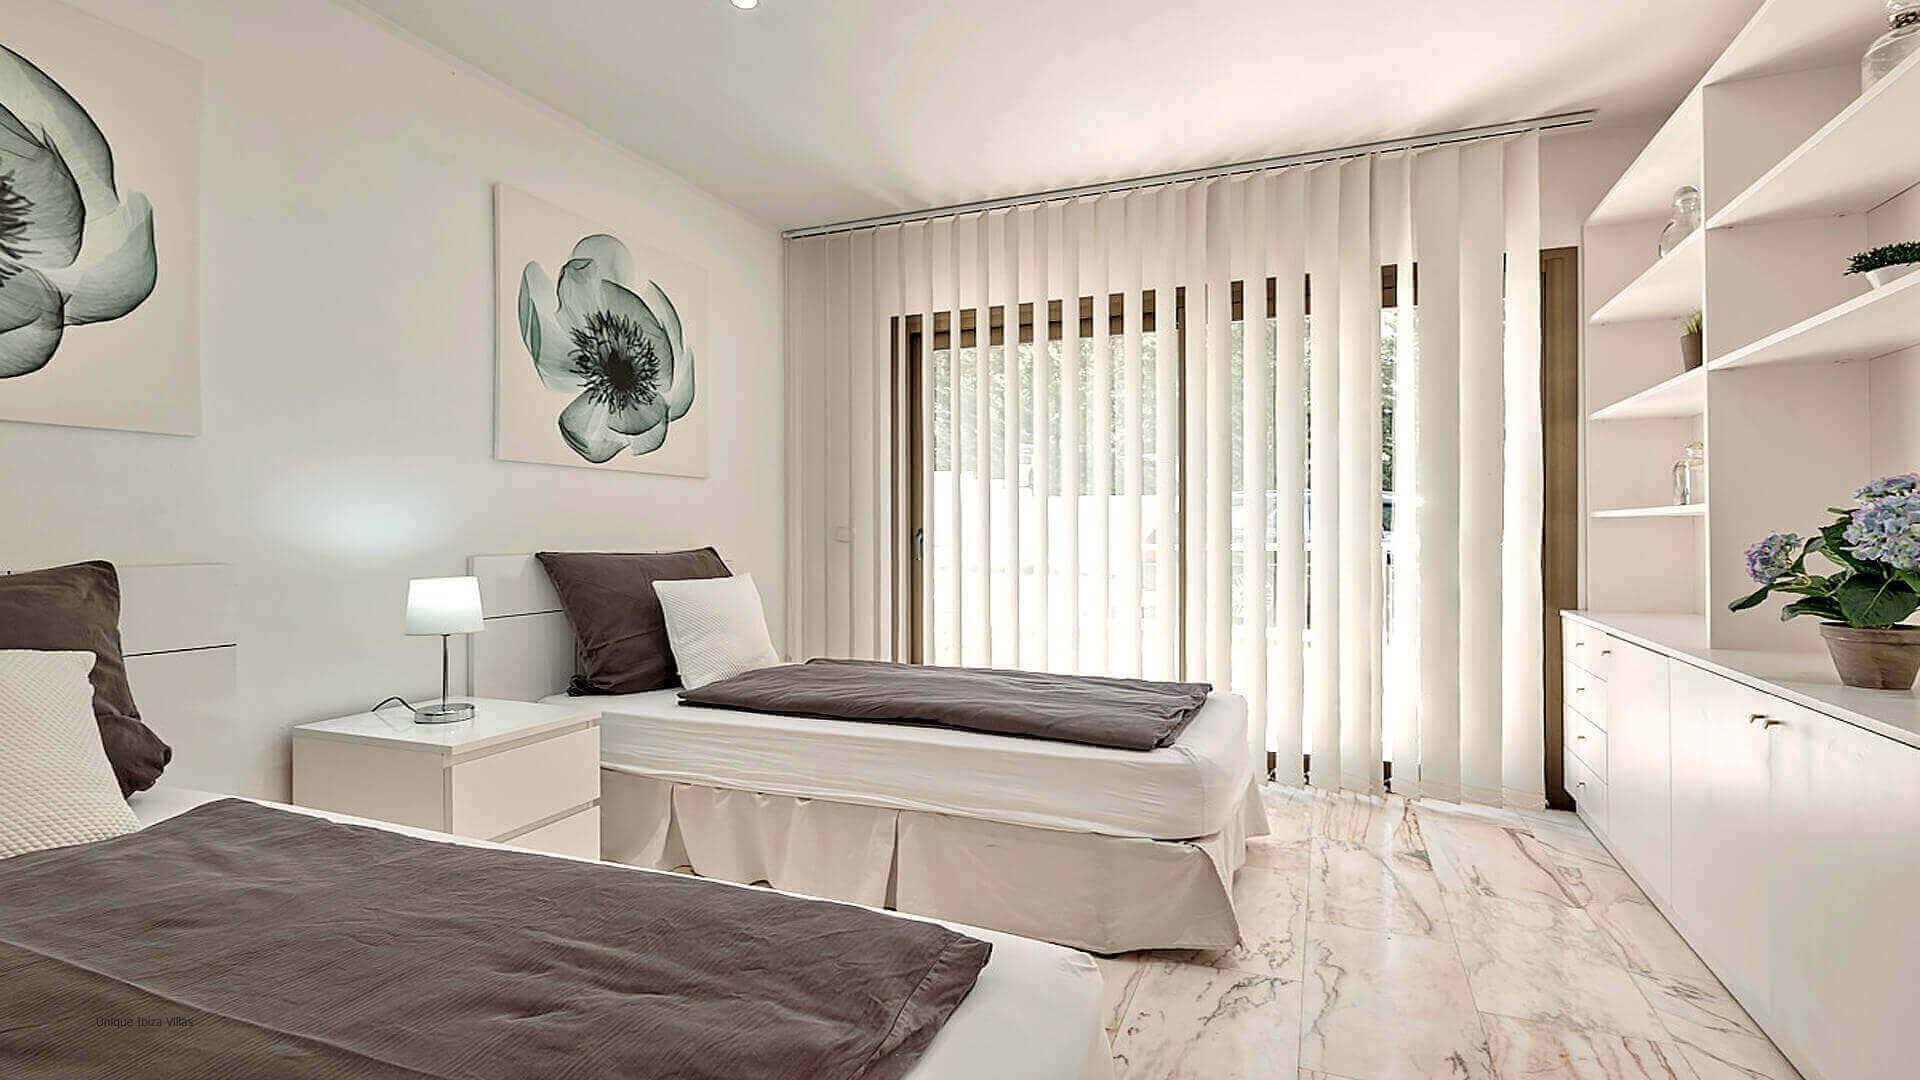 Villa Fontana Ibiza 48 Bedroom 5